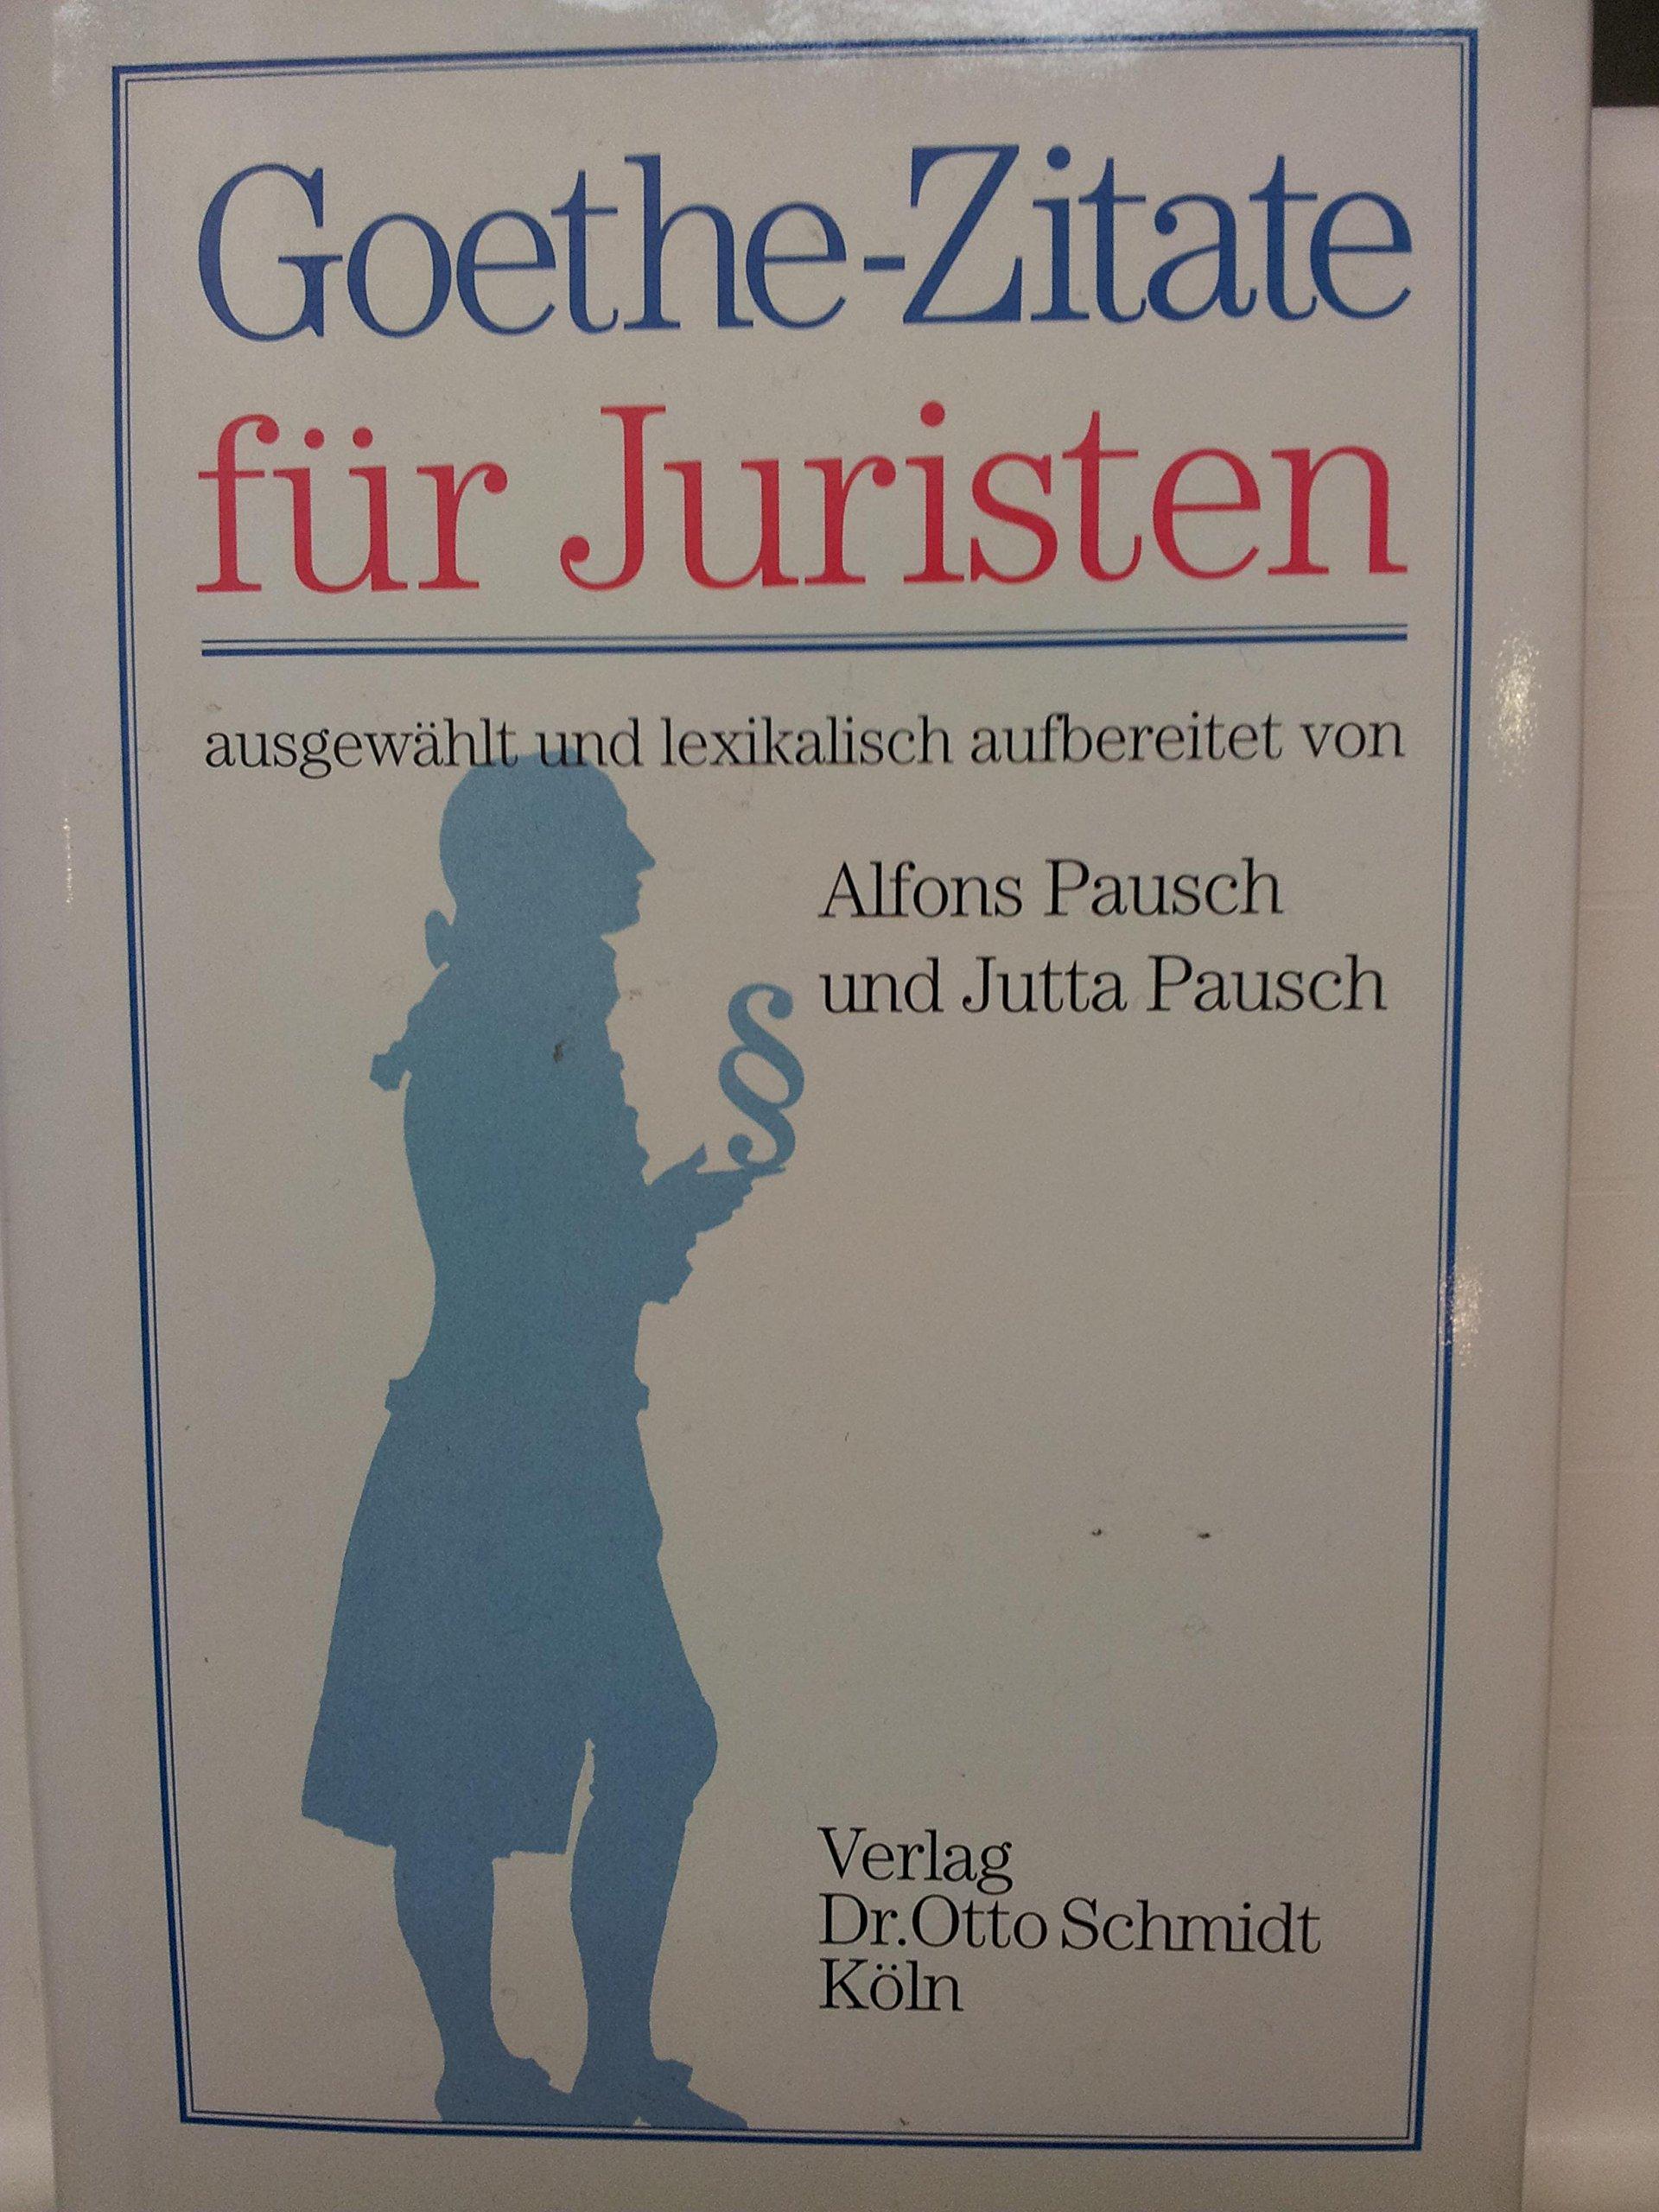 Goethe Zitate Für Juristen Amazonde Alfons Pausch Jutta